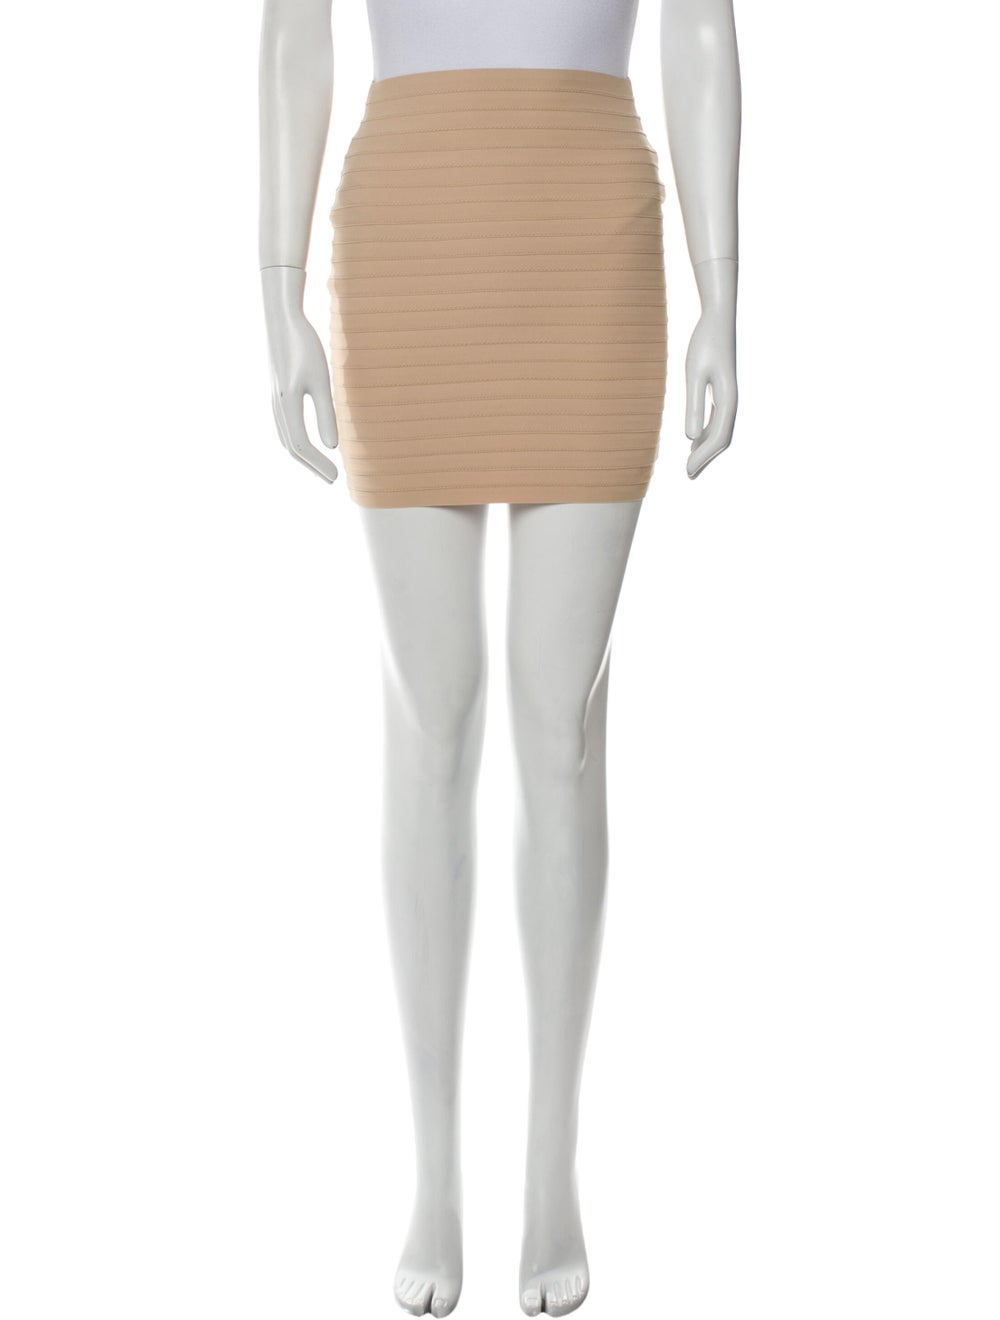 A.l.c. Mini Skirt - image 1